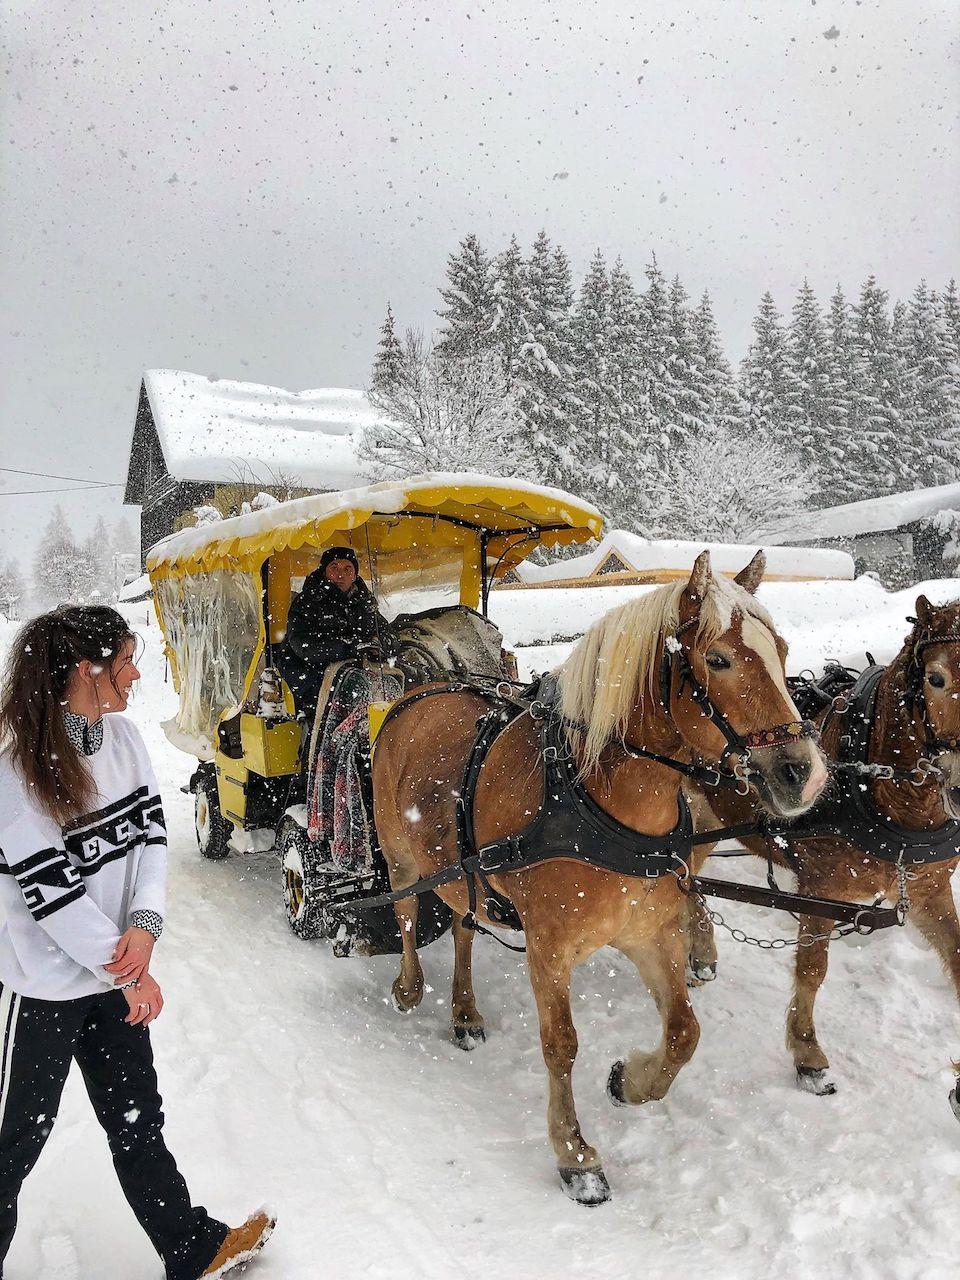 Seefeld in Tirol - skigebied -  wintersportgebied in de Oostenrijkse Alpen - eten en drinken Seefeld - Chloe Sterk